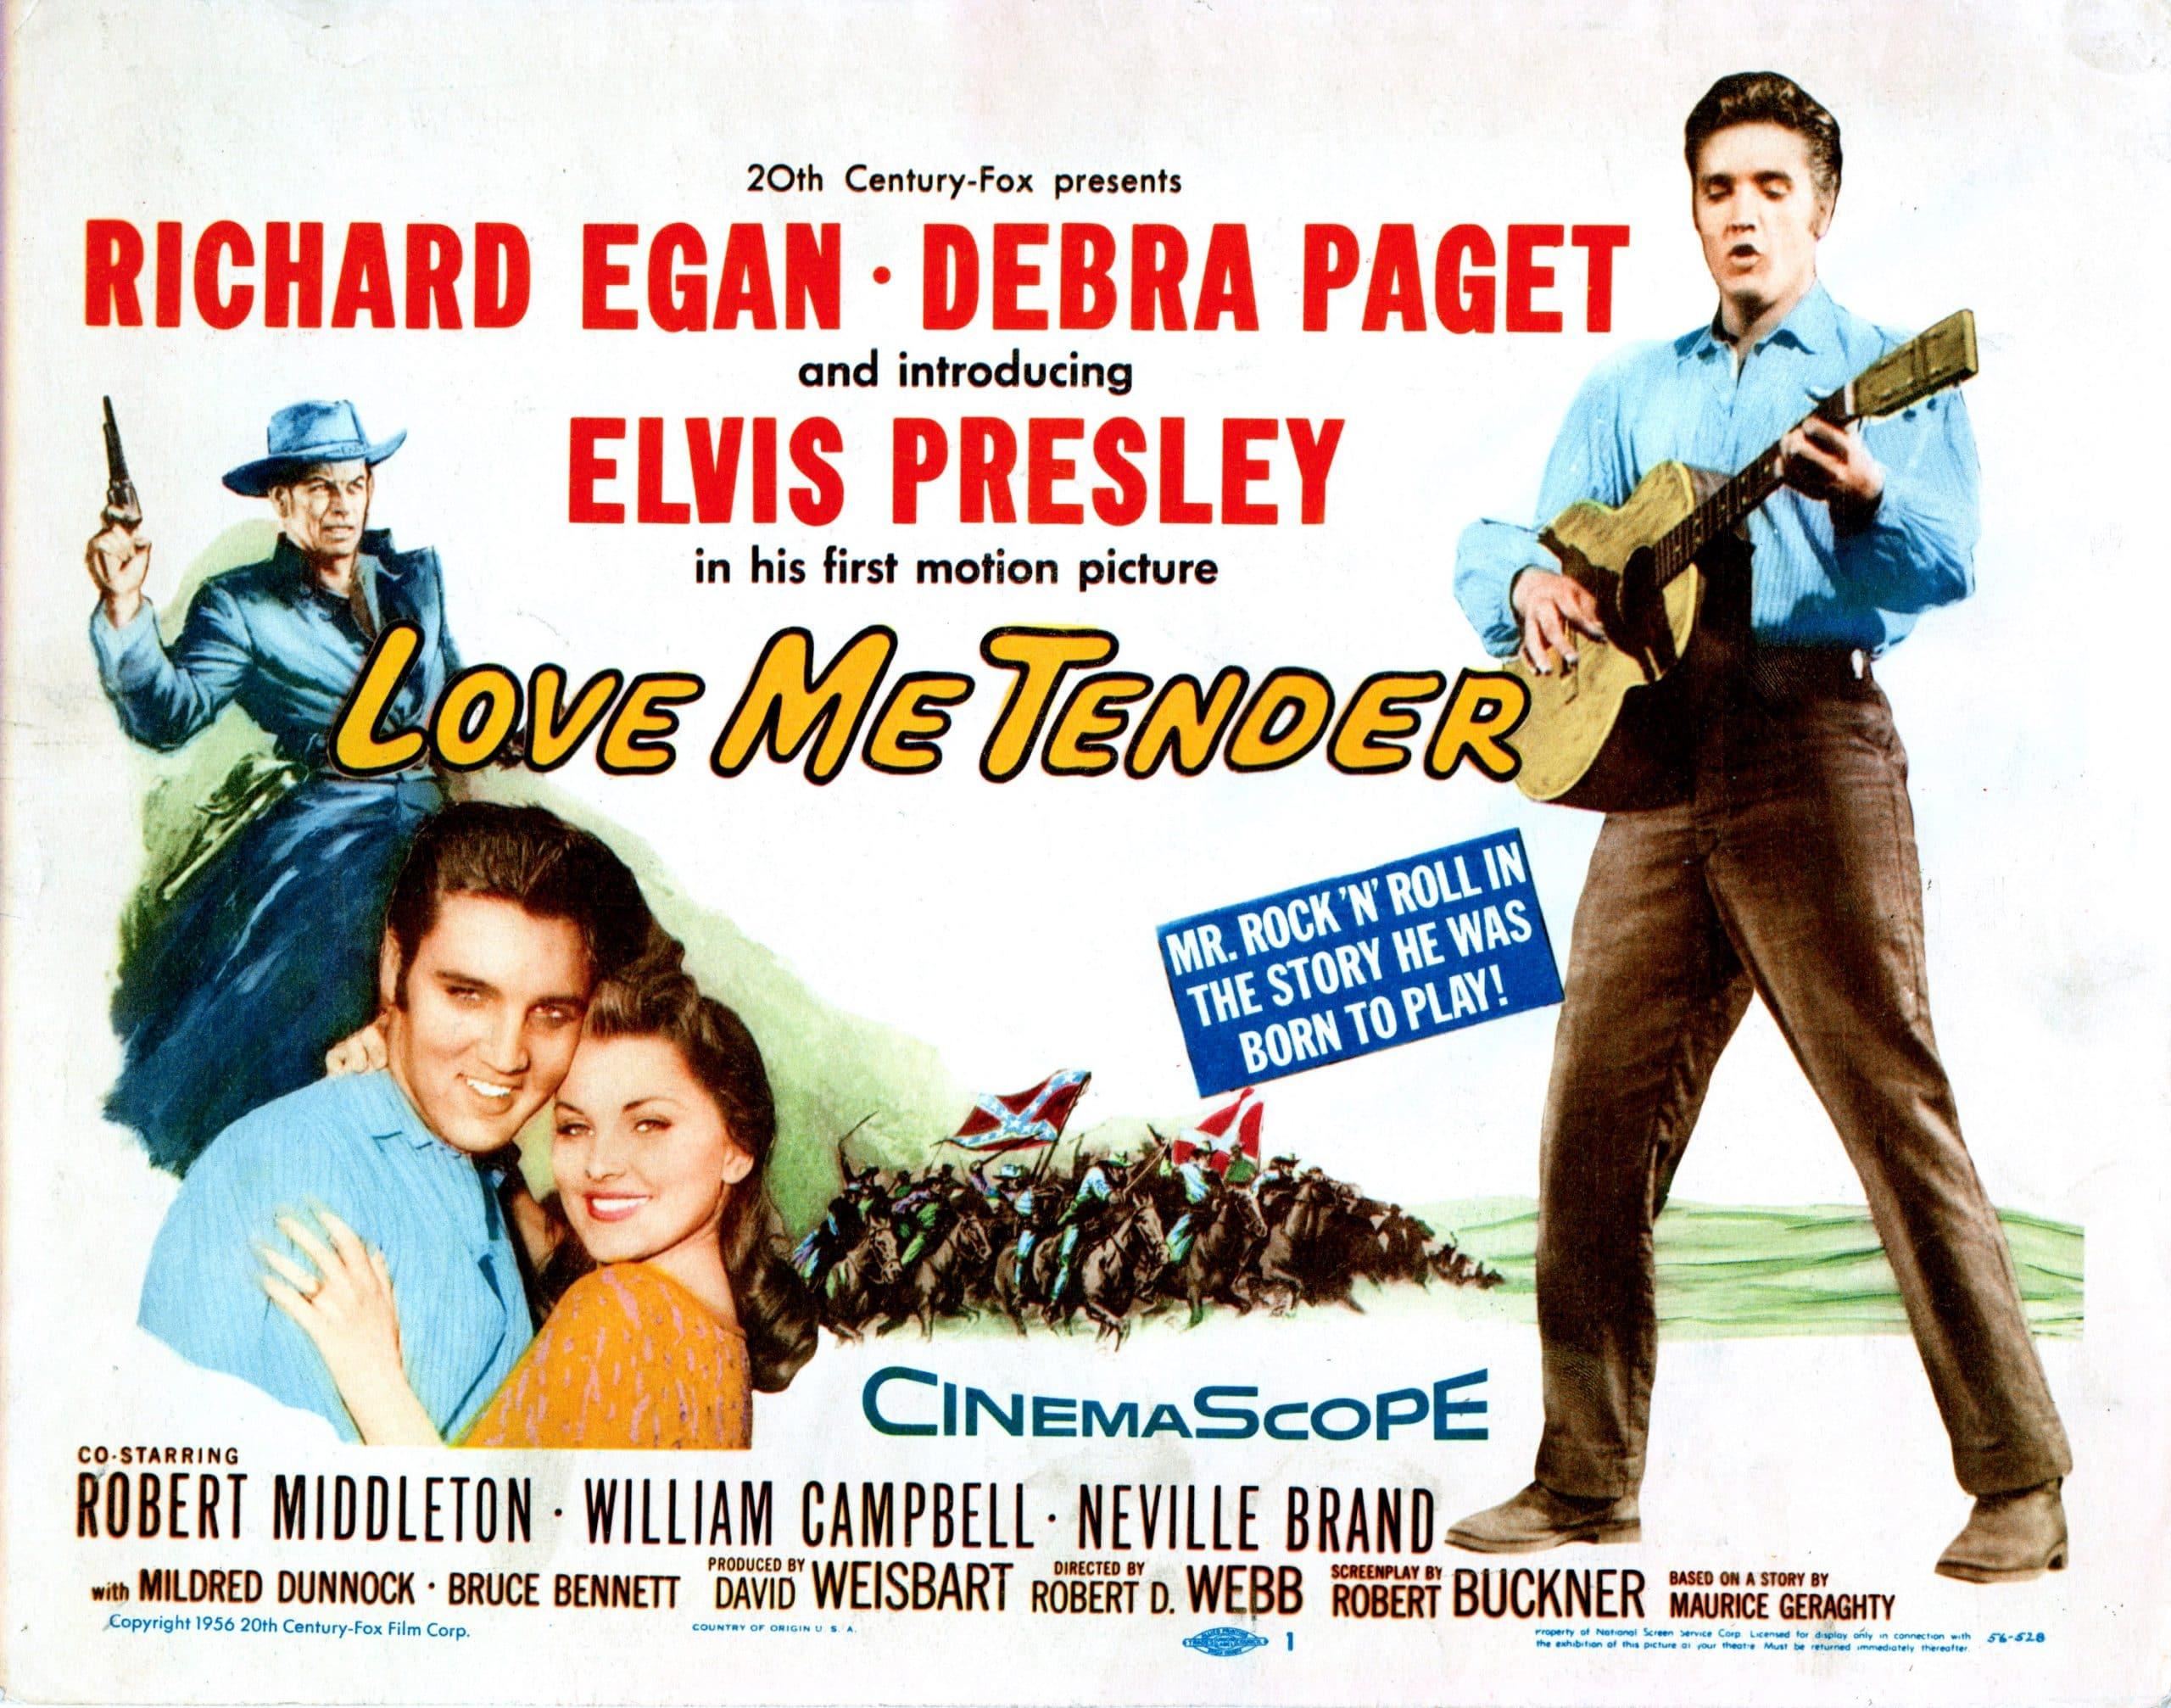 LOVE ME TENDER, Richard Egan, Elvis Presley, Debra Paget, 1956